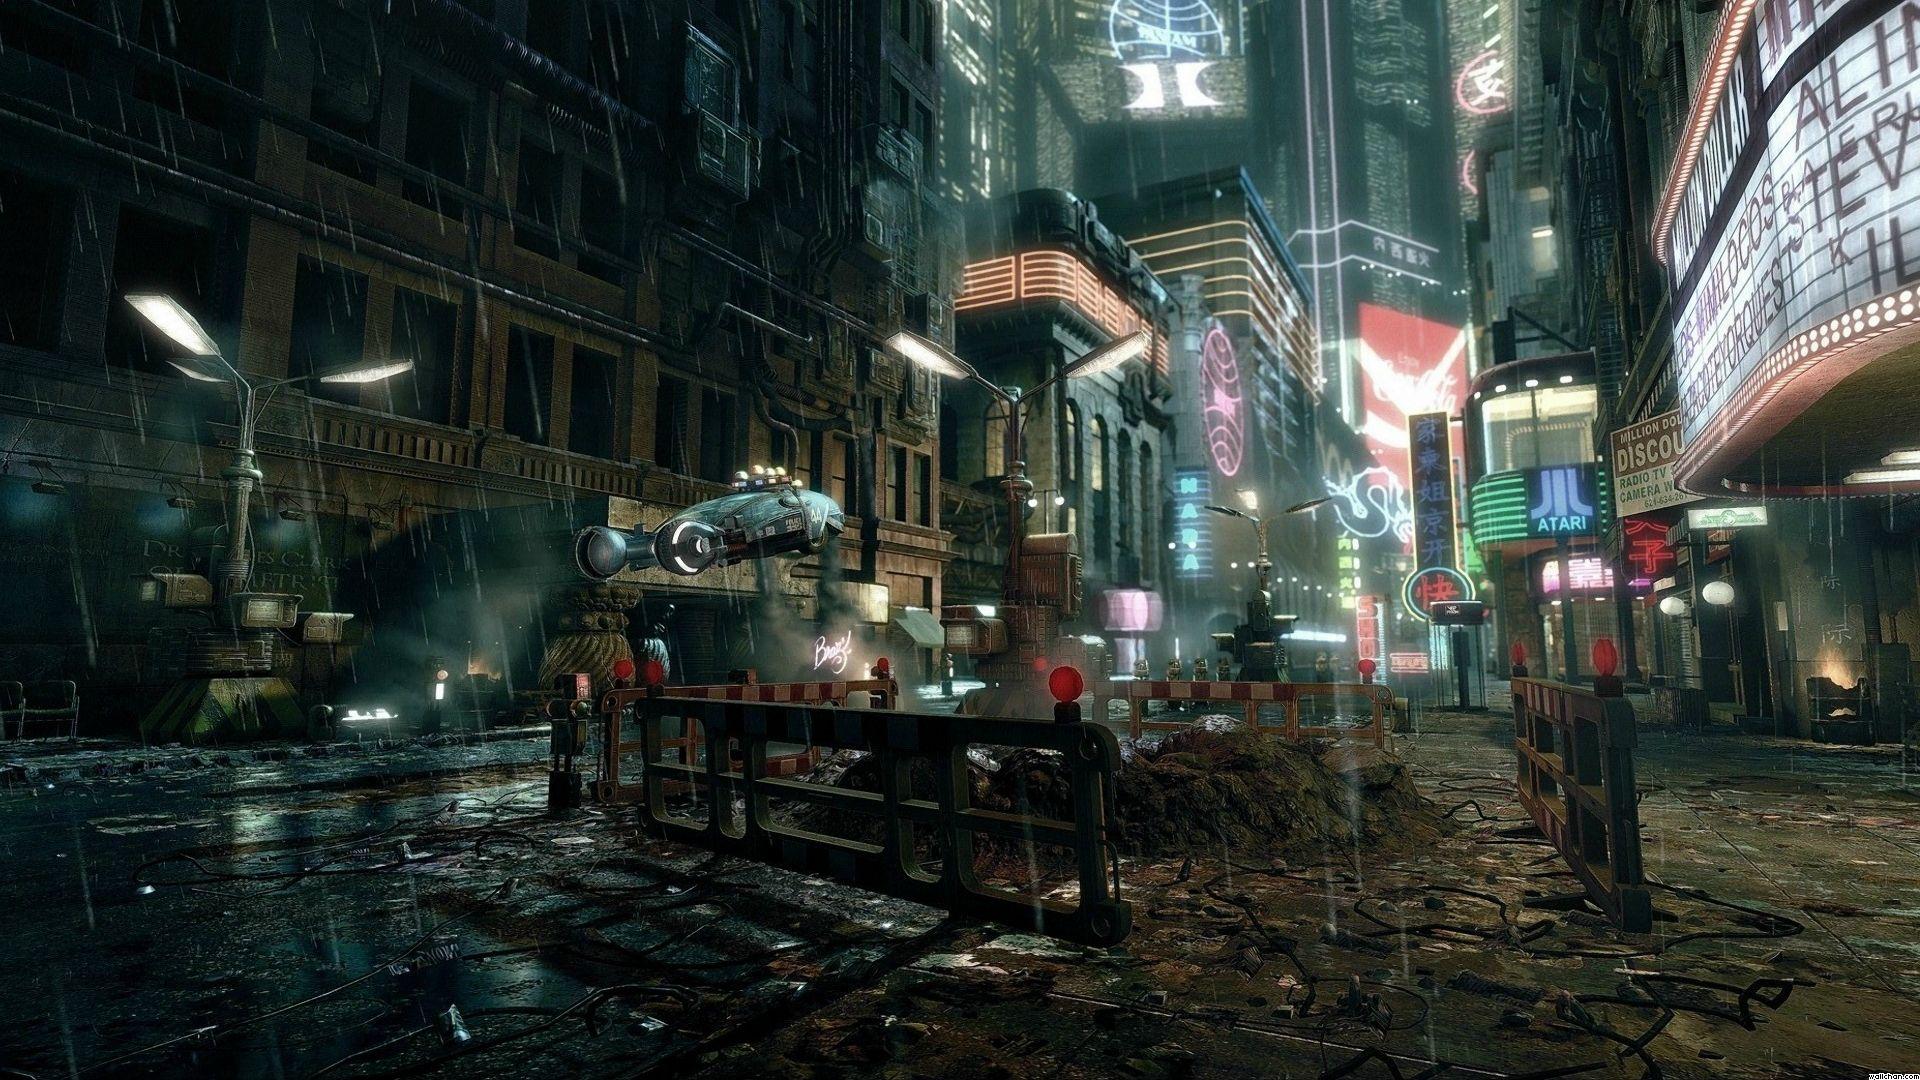 CYBERPUNK Sci-fi Game City F Wallpaper